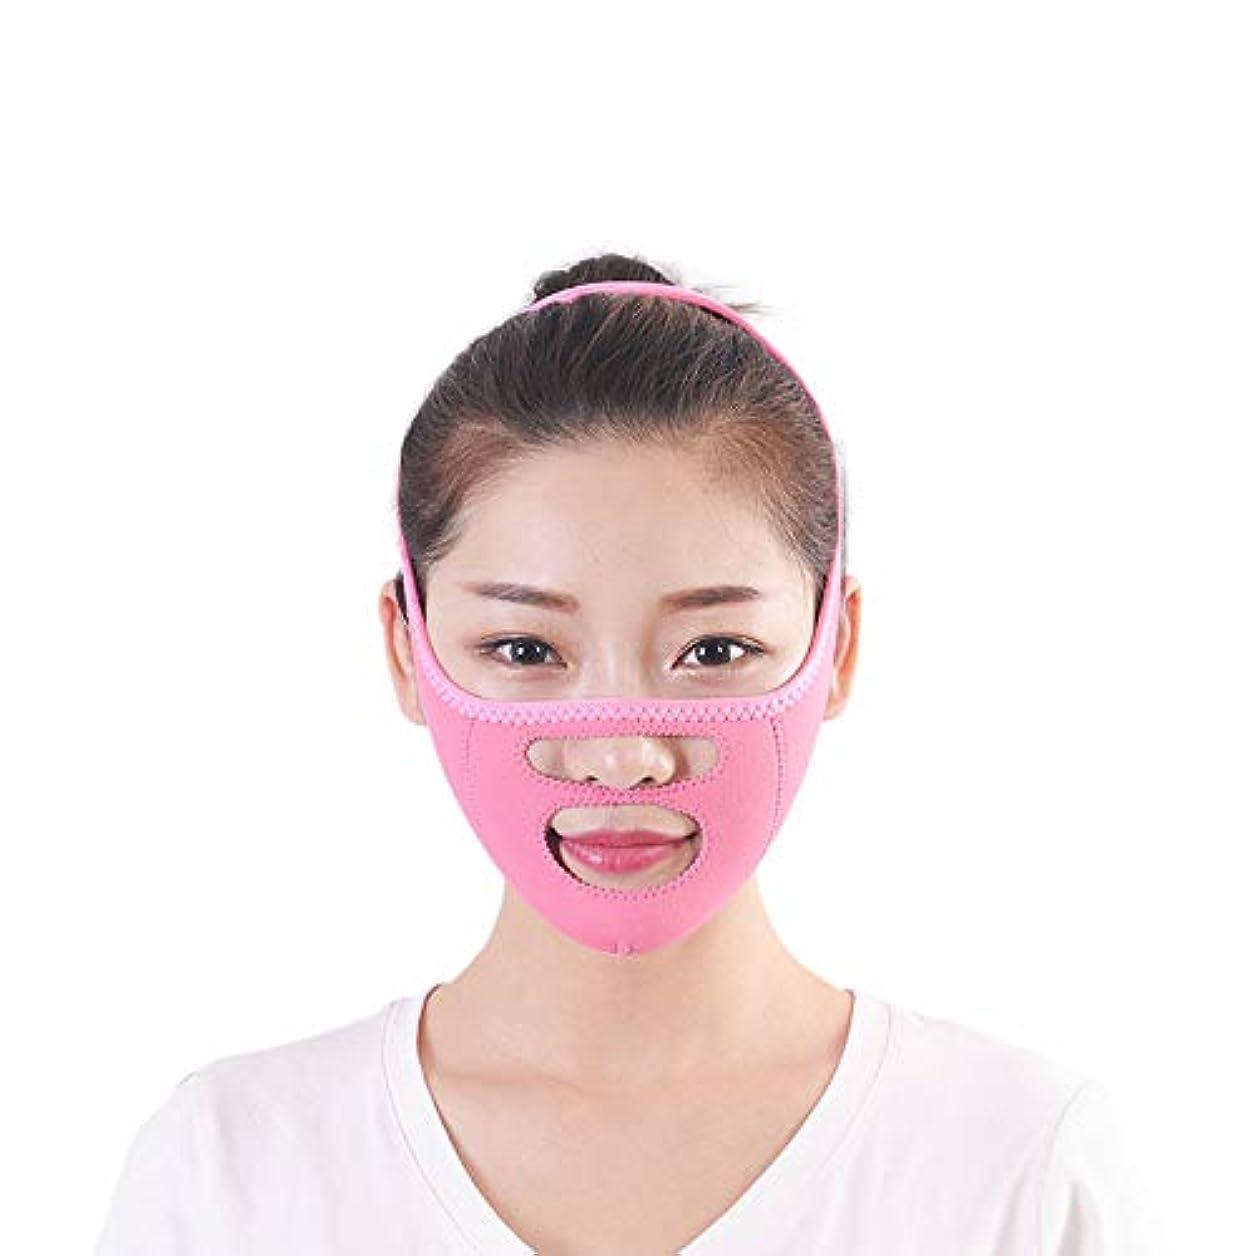 ぼろゼロストローク二重あごの顔の減量の緩和を改善するためのフェイスリフティングアーチファクトマスク、ビームフェイス包帯/小型Vフェイスリフティングタイト補正,Blue